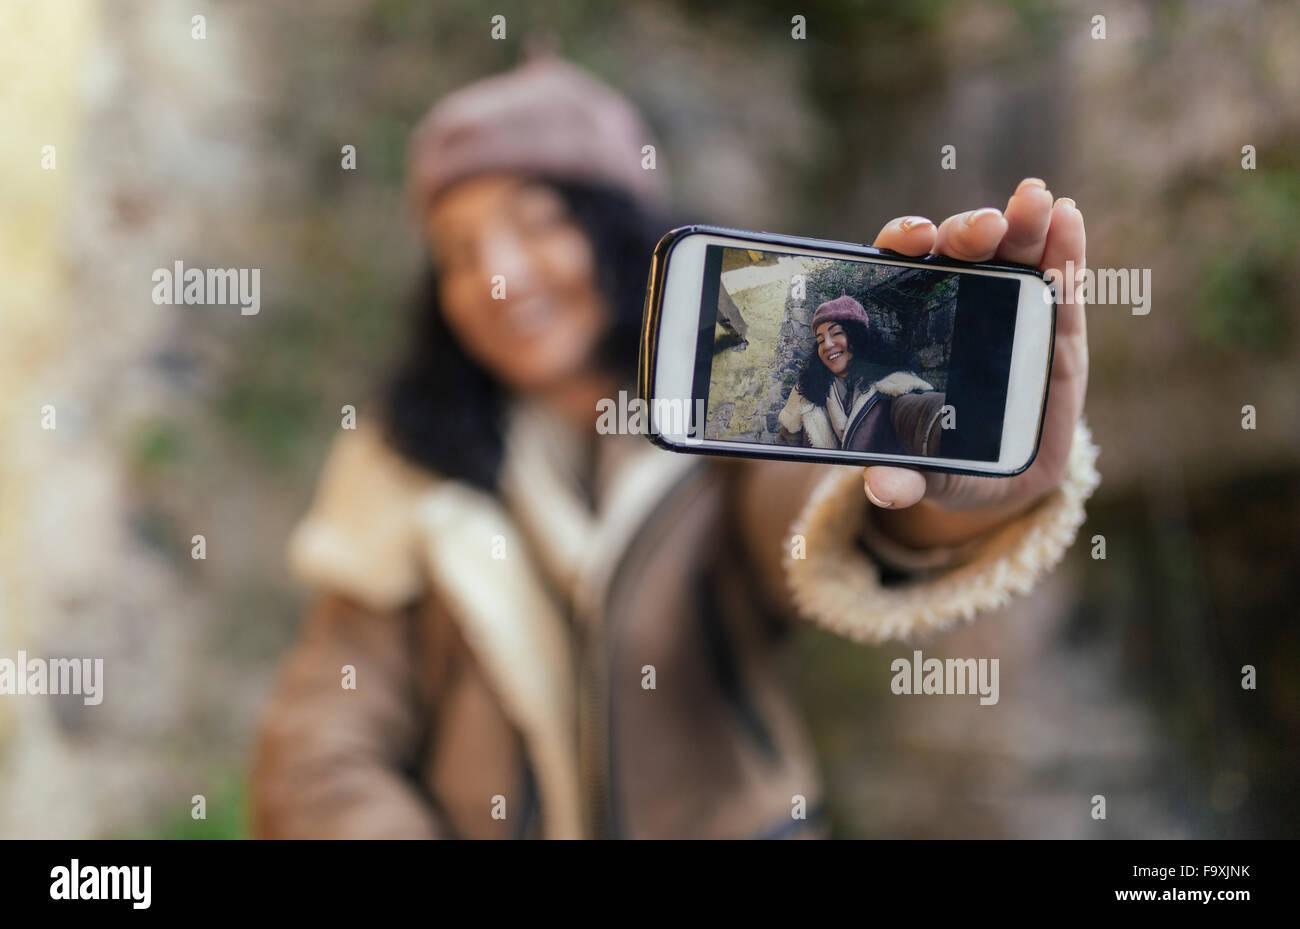 Selfie de mujer sonriente en la pantalla del smartphone Imagen De Stock